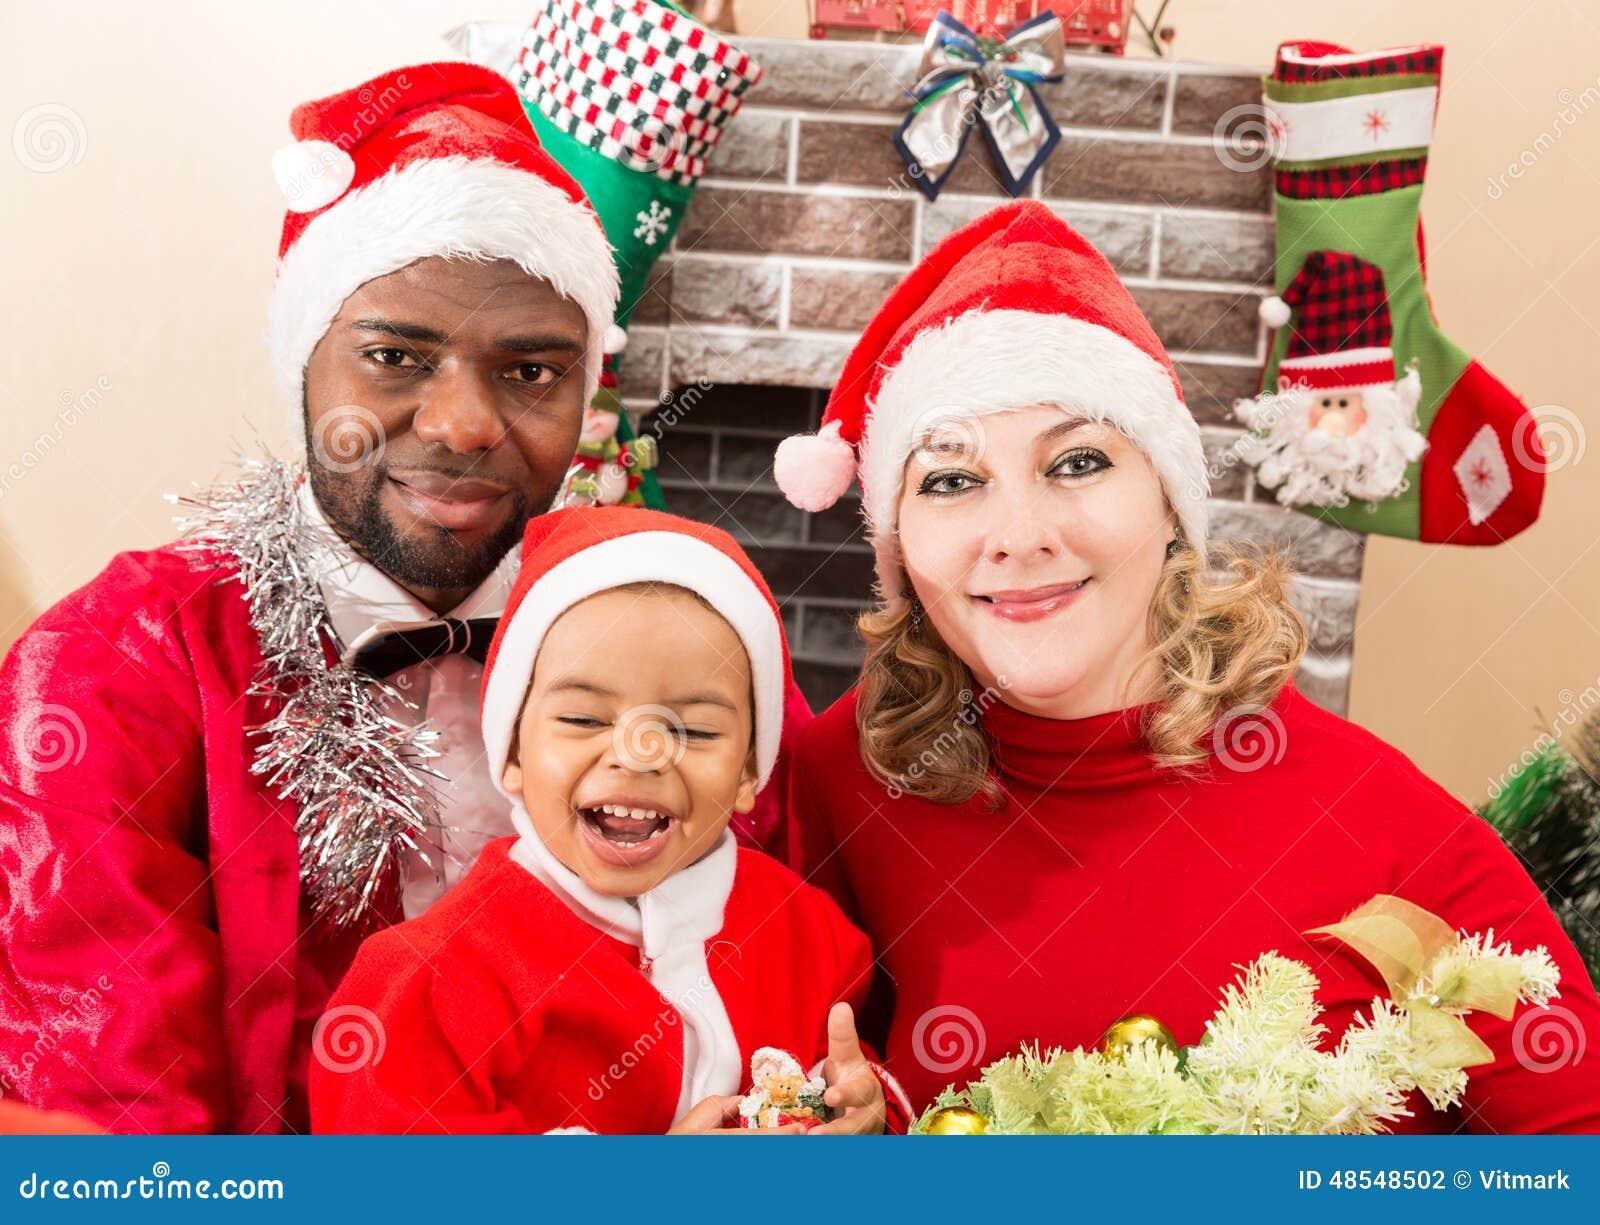 Black Family Christmas Portraits Happy Family: Black Fa...